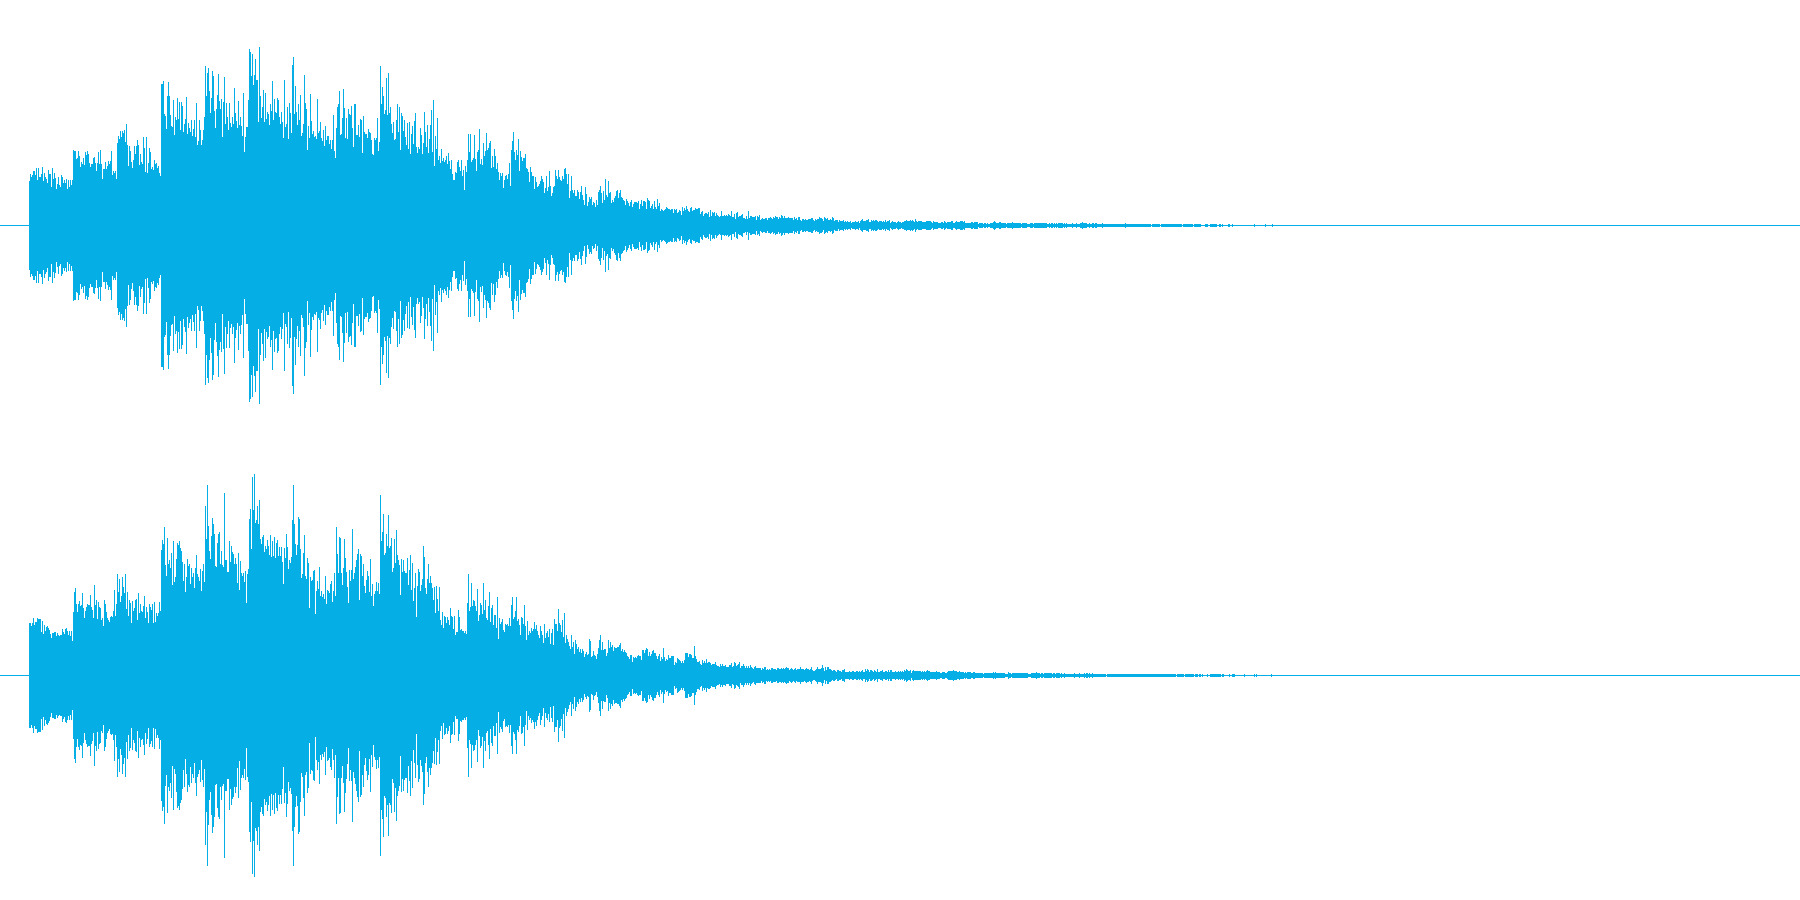 回復/キラキラ/魔法の再生済みの波形